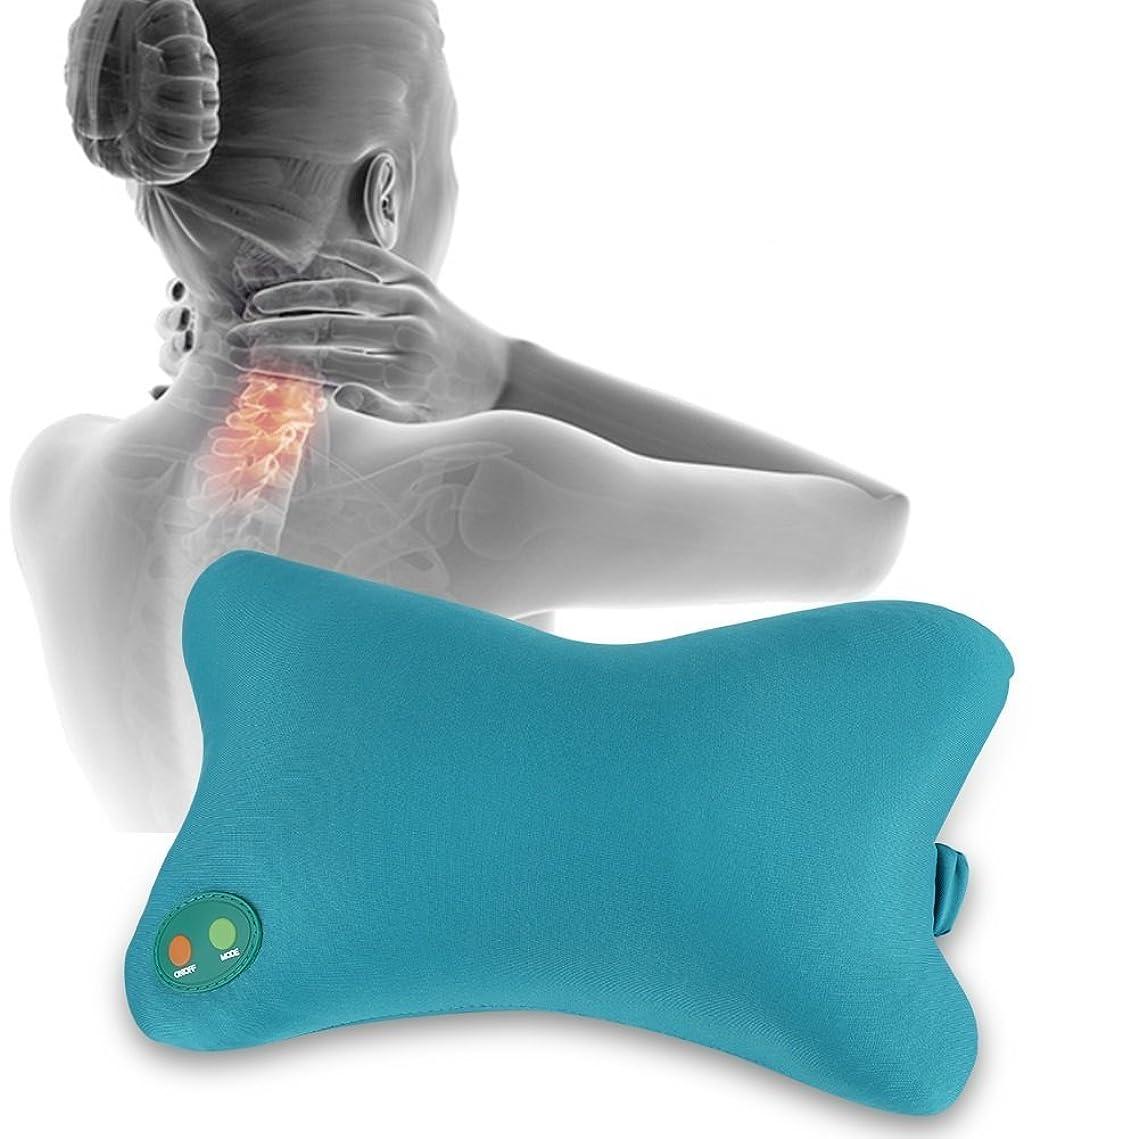 折るライムに話すマッサージピロー、背中の痛みを軽減するための柔らかい電気ネックマッサージの刺激のクッション車のオフィスホームナップの使用、CEの承認